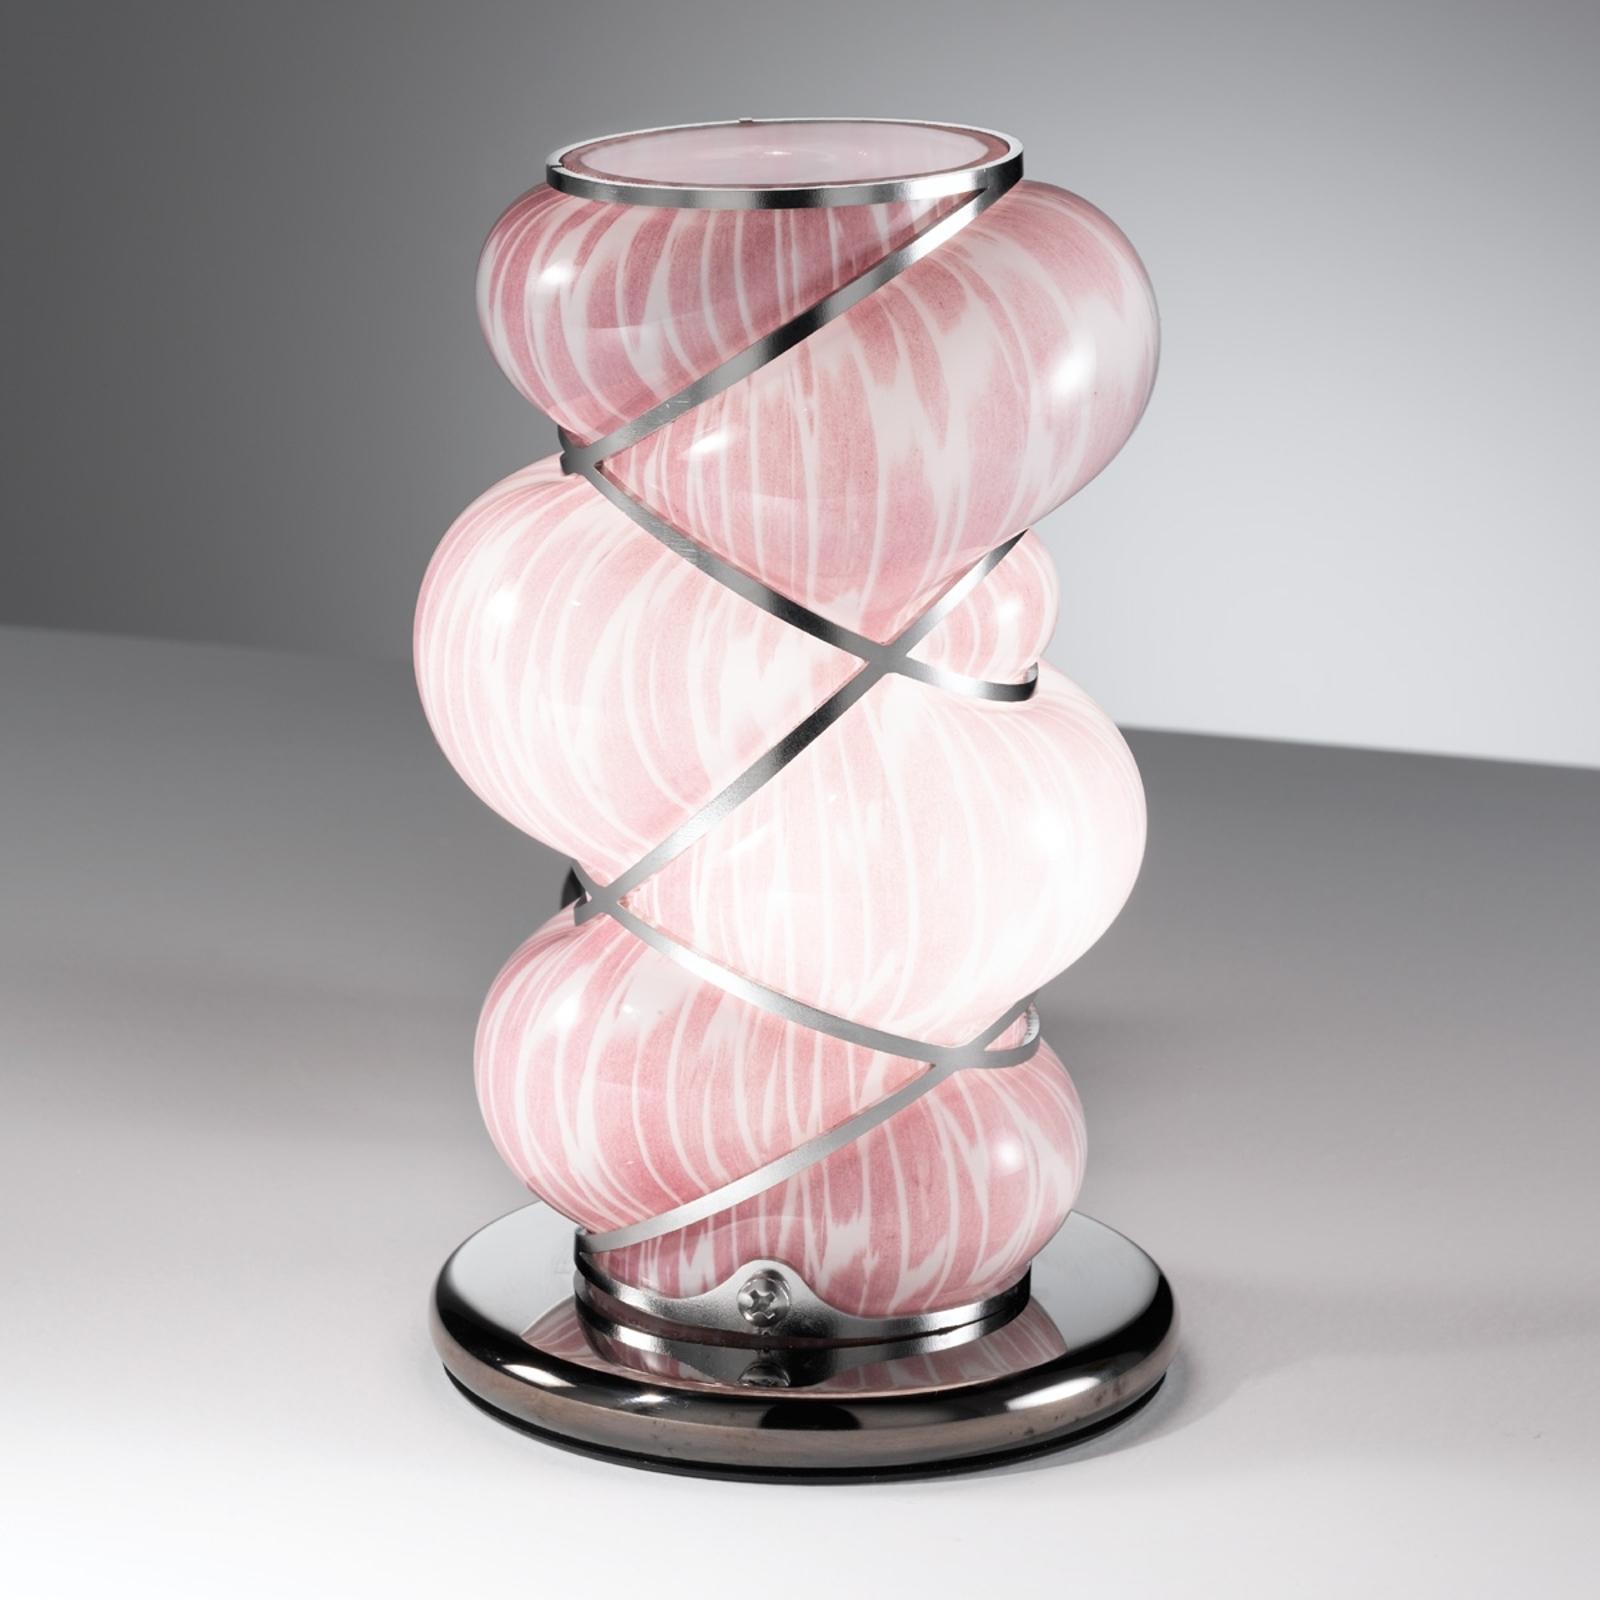 Orione-Tischleuchte mit Edelstahl-Elementen, rosa